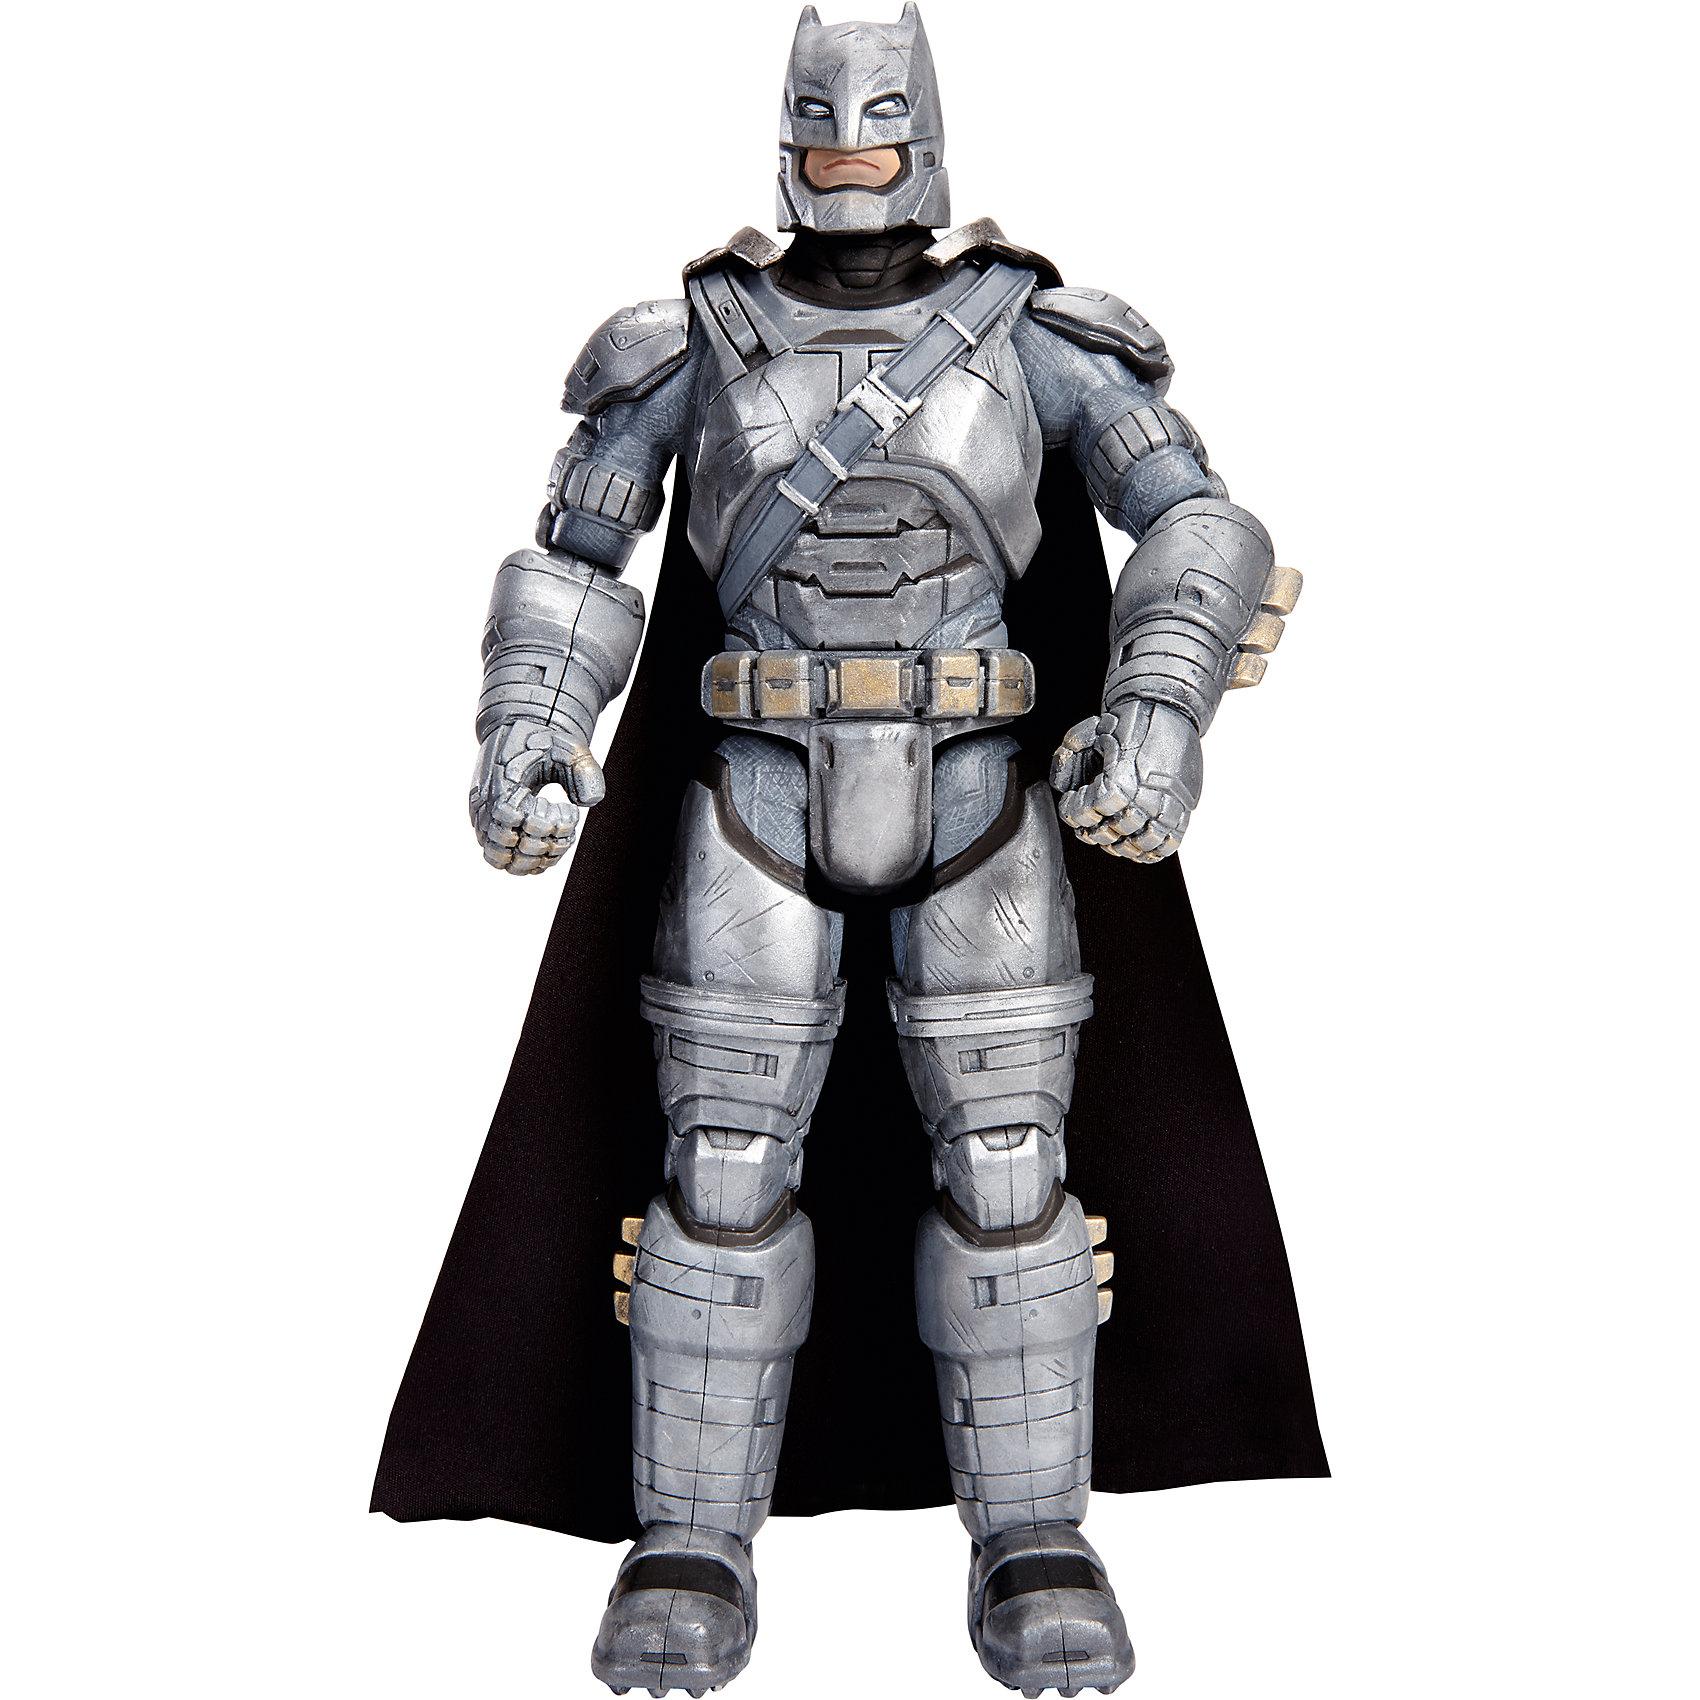 Фигурка Бэтмен vs Супермен, 30 смНовые фигурки любимых персонажей из серии «Бэтмен против Супермена: На заре справедливости» приведут в восторг всех поклонников Marvel. Фигурка Бэтмена  максимально детализирована, имеет  тщательно проработанную мускулатуру и большое количество аксессуаров. За спиной развевается черный плащ. Игрушка выполнена из высококачественного пластика, раскрашена экологичными гипоаллергенными красителями, имеет более 10 шарниров, что позволяет приобретать любые, очень реалистичные позы. <br><br>Дополнительная информация:<br><br>- Материал: пластик.<br>- Размер фигурки: 30 см. <br>- Голова, руки, ноги подвижные (более 10 шарниров).<br>- Прекрасно детализированы.<br><br>Фигурку Бэтмен vs Супермен, 30 см, можно купить в нашем магазине.<br><br>Ширина мм: 70<br>Глубина мм: 230<br>Высота мм: 330<br>Вес г: 701<br>Возраст от месяцев: 36<br>Возраст до месяцев: 144<br>Пол: Мужской<br>Возраст: Детский<br>SKU: 4556235